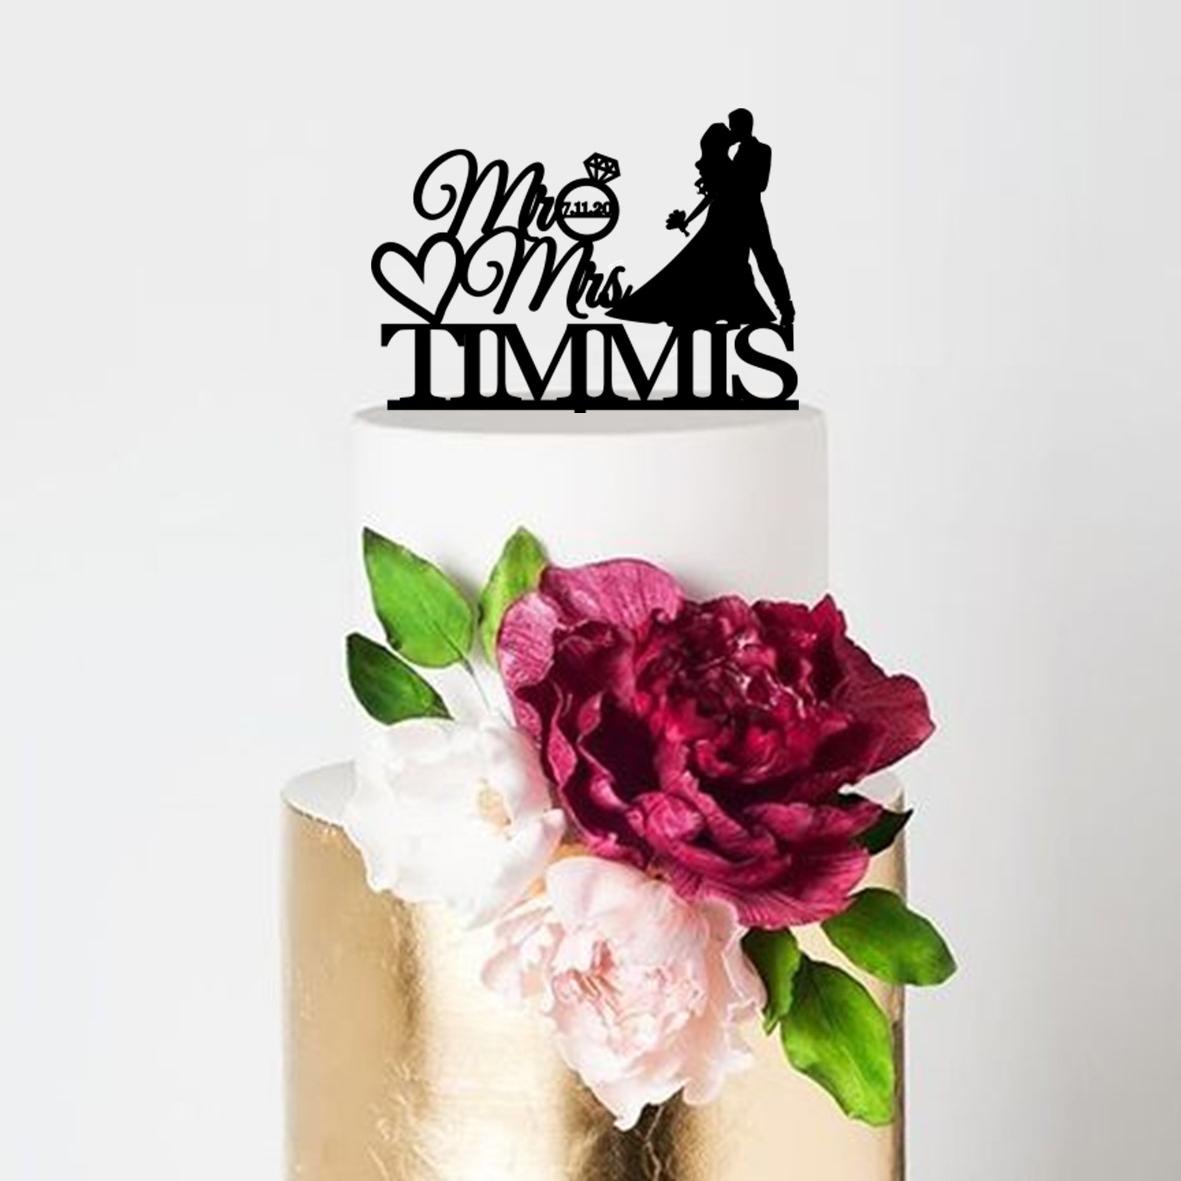 Bride & Groom Kissing Mr & Mrs Name Date Heart Cake Topper